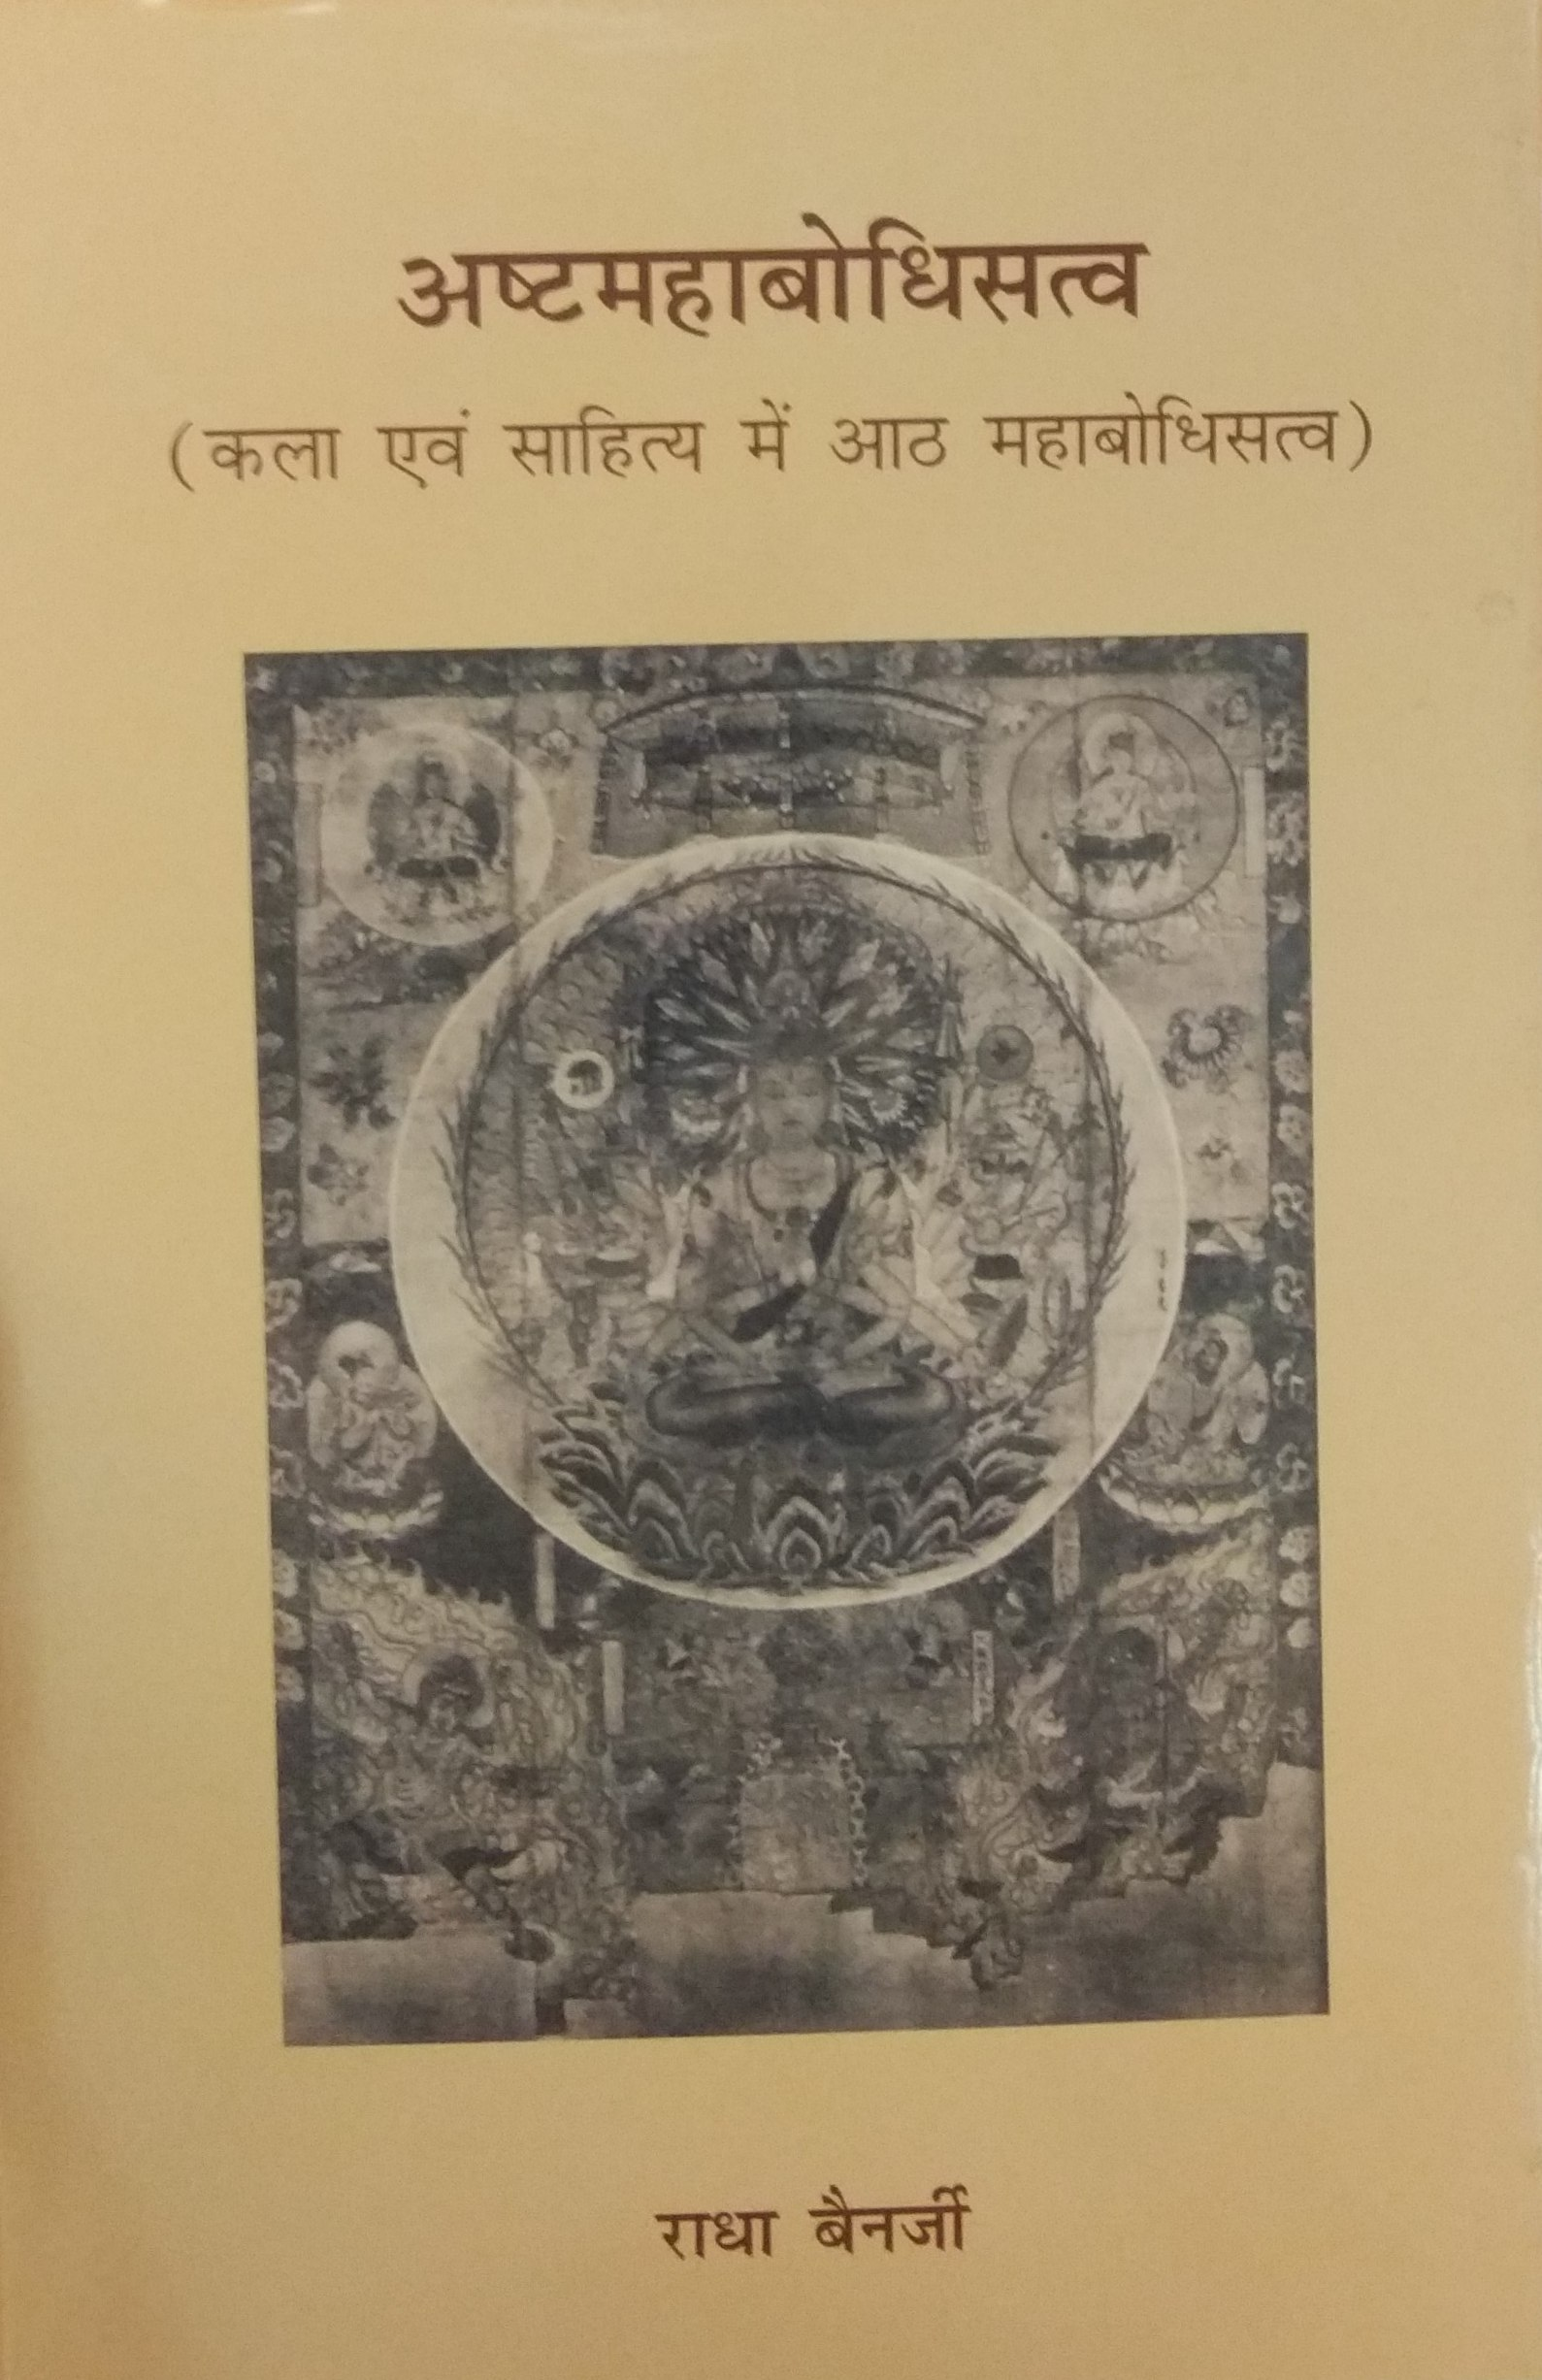 Asthamahabodhisatva (Kala evam Sahitya me Aath Mah…